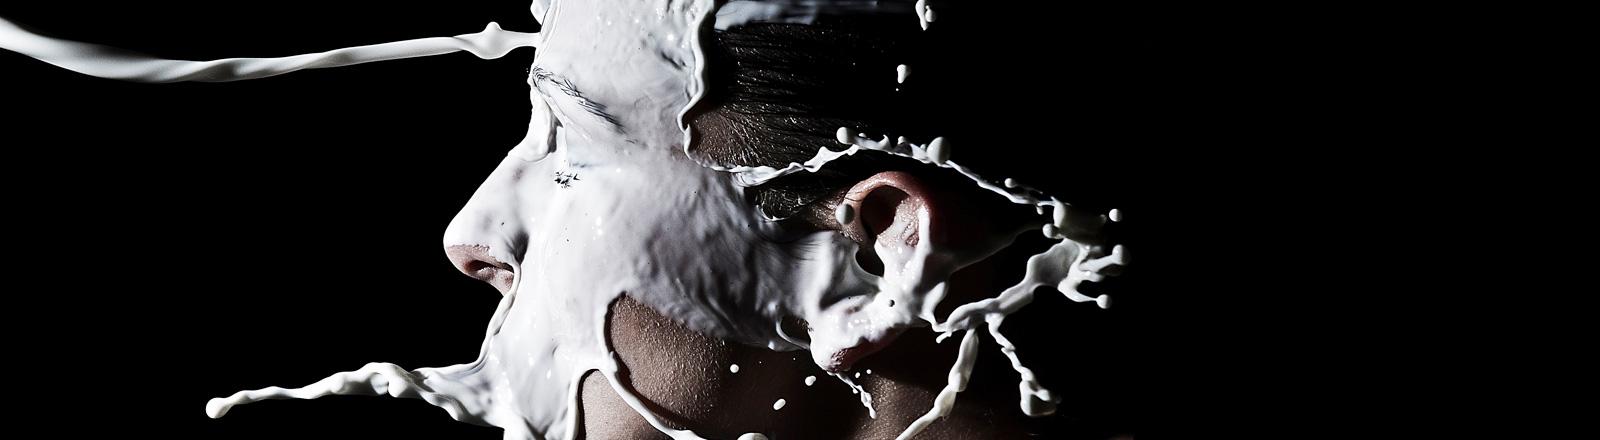 Im Profil ist ein junger Mann zu sehen vor schwarzem Hintergrund. Von links bekommt er Milch ins Gesicht geschüttet.